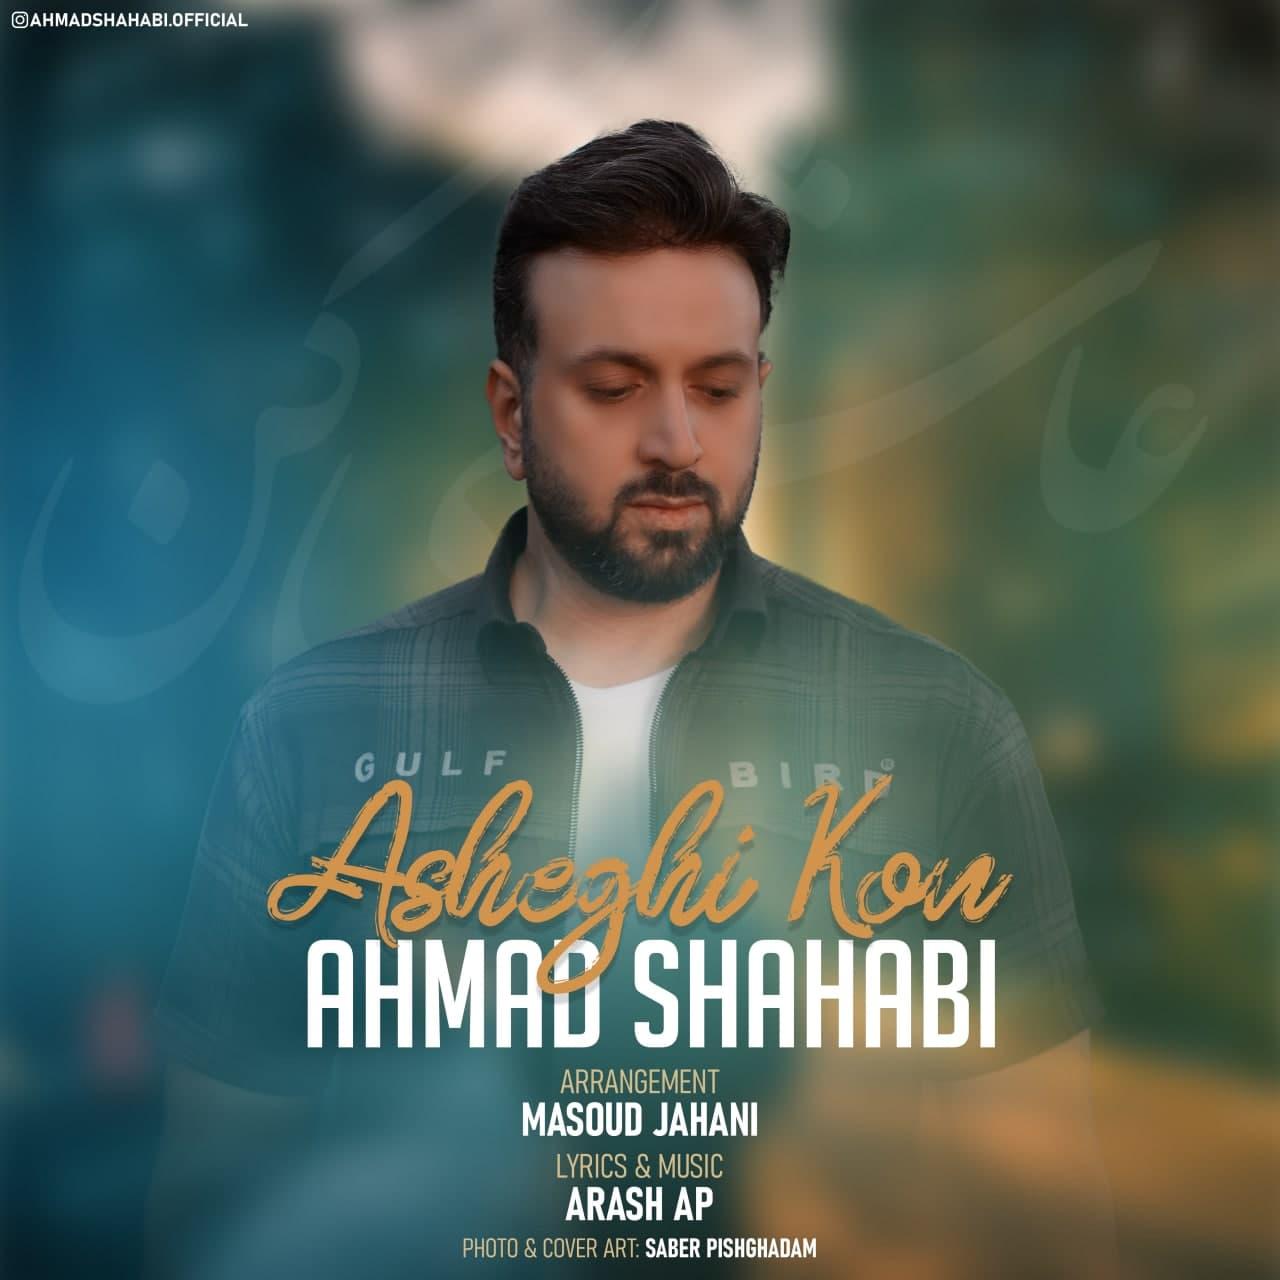 دانلود آهنگ عاشقی کن  احمد شهابی